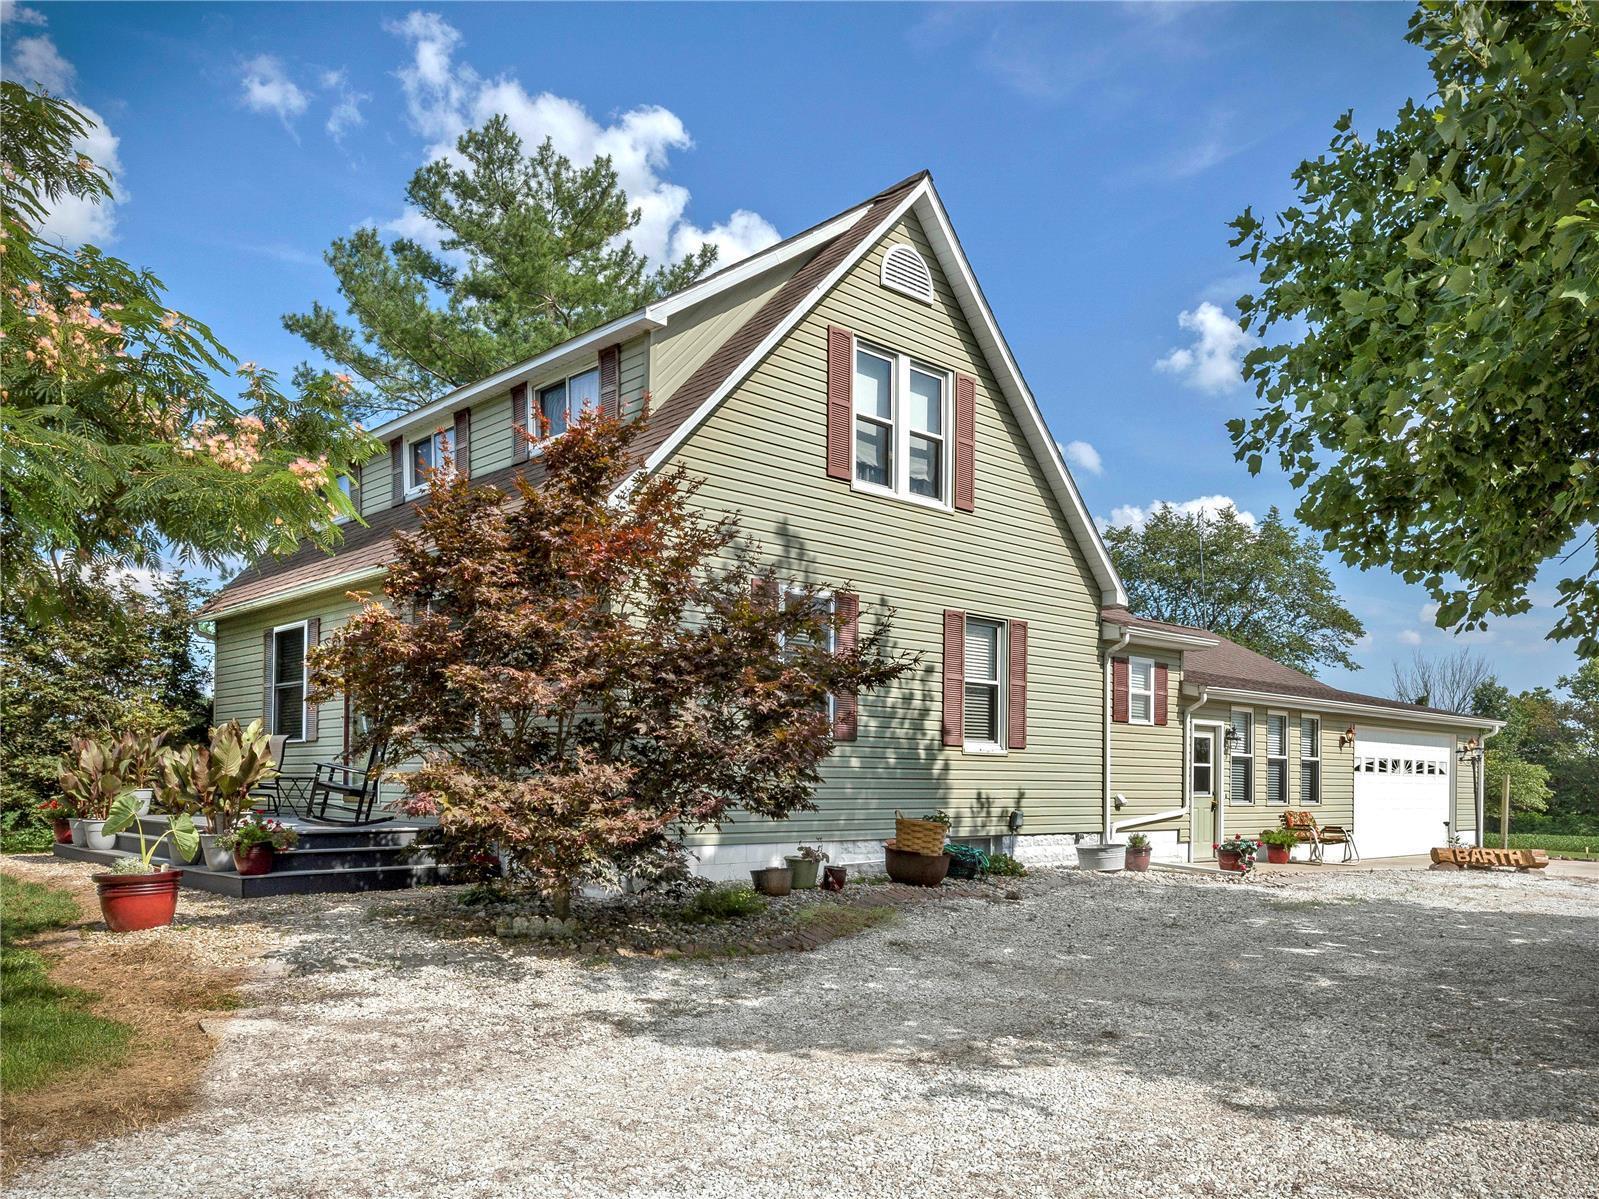 636 Sorento Avenue Property Photo - Sorento, IL real estate listing